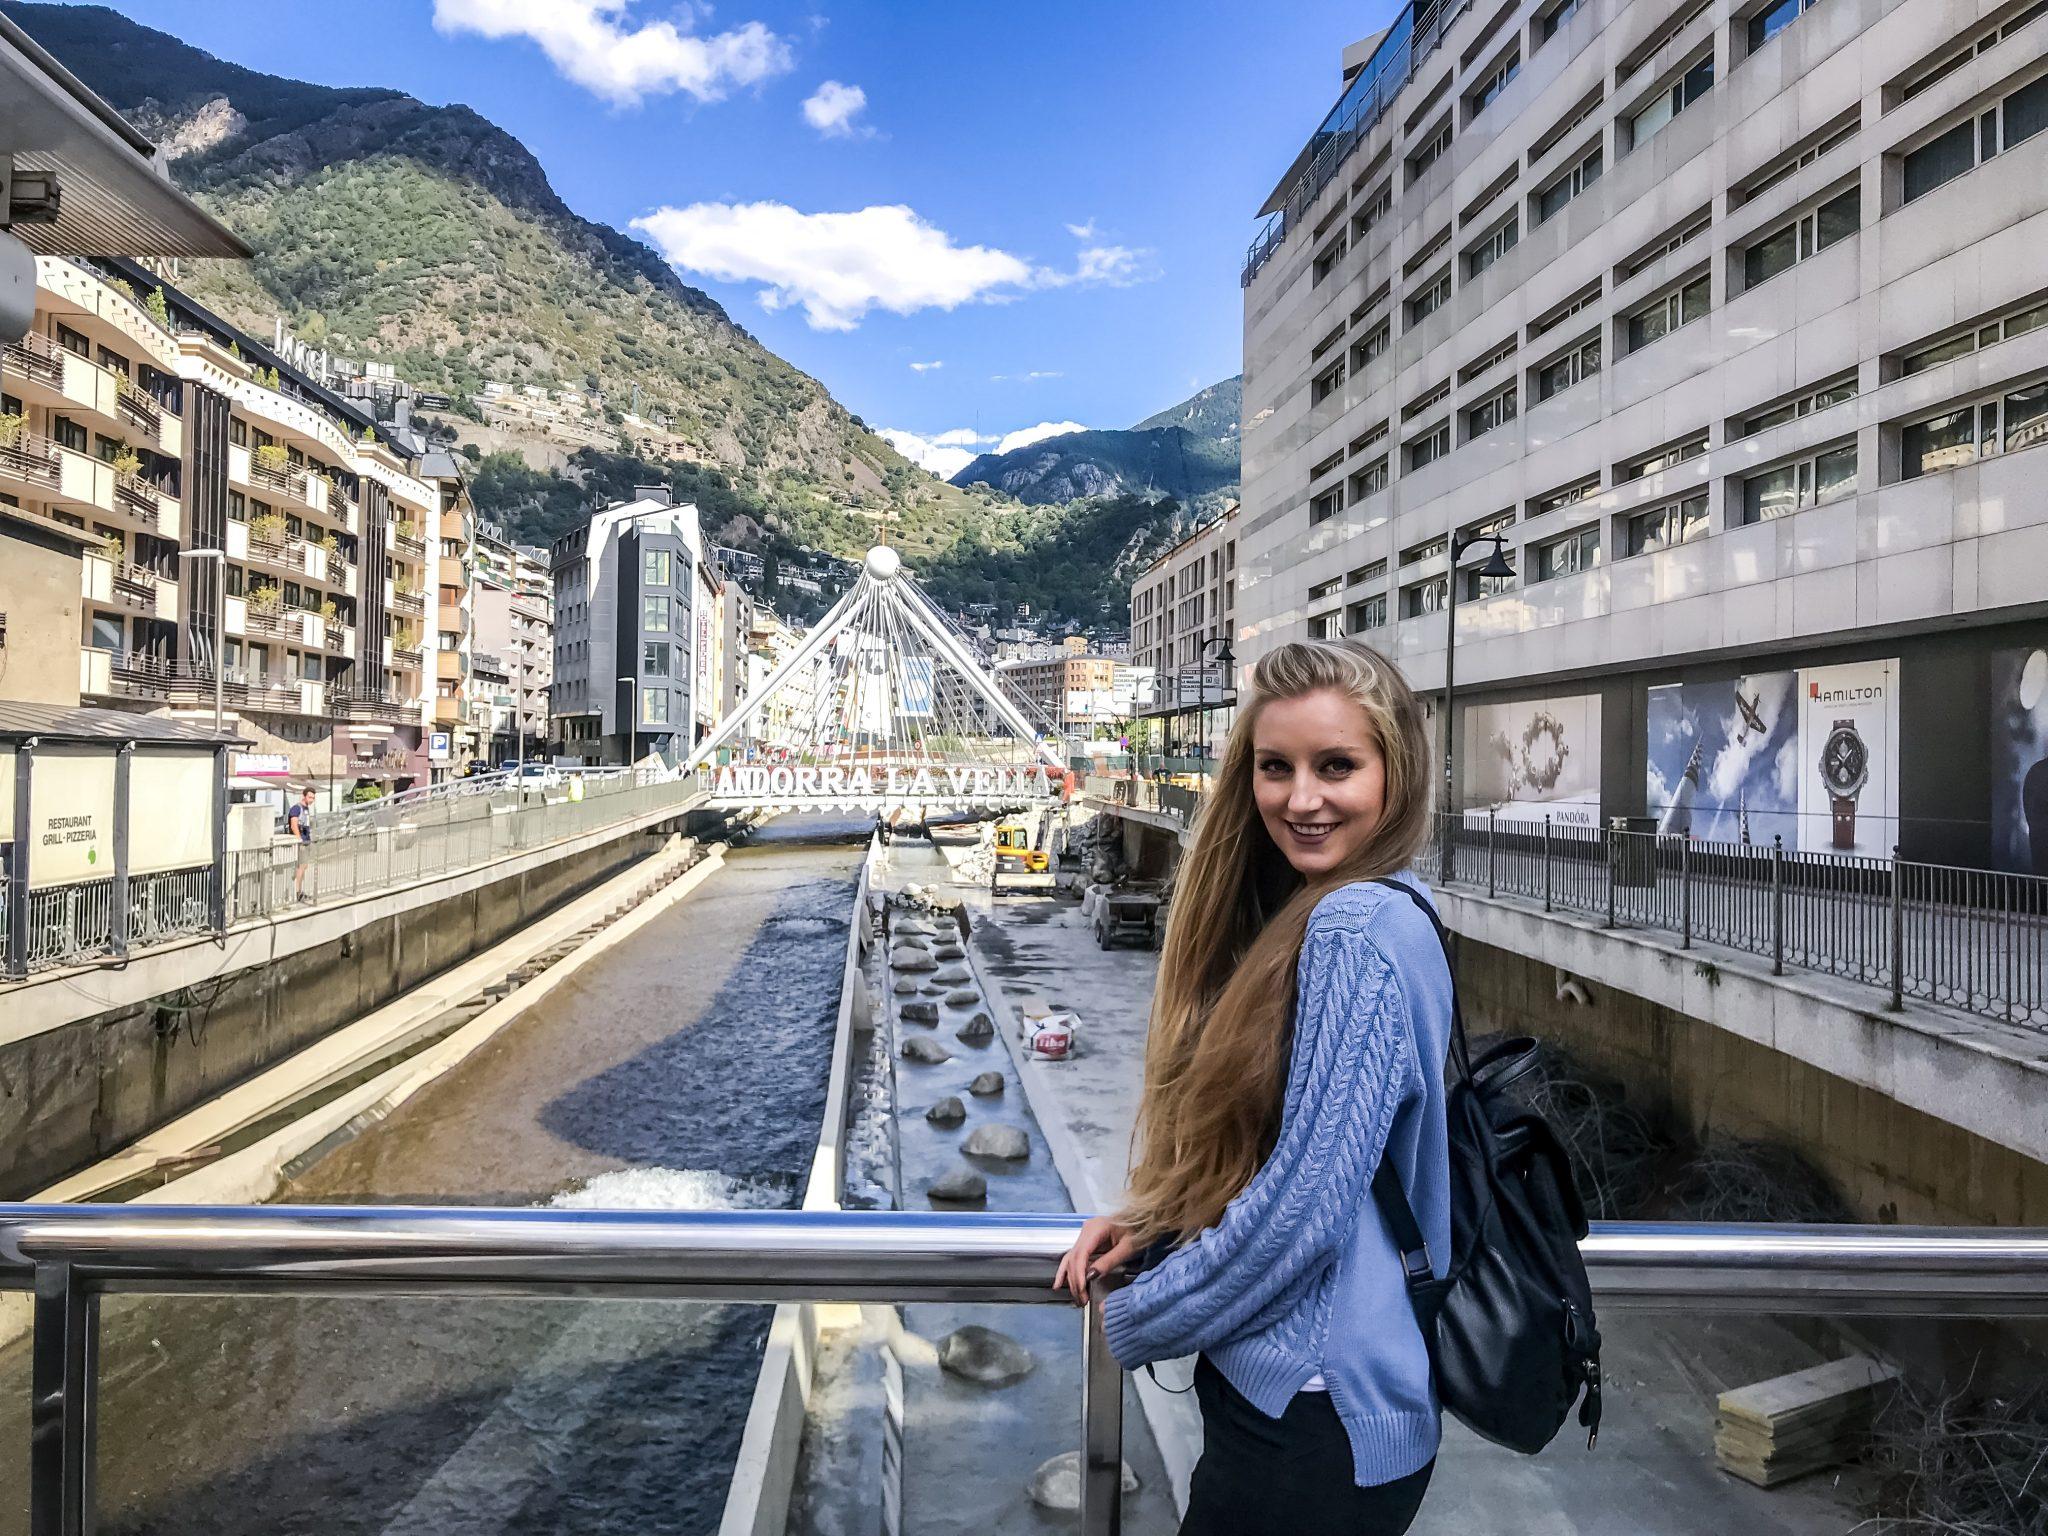 Direkt hinter der überdimensionalen Uhr befindet sich ein weiteres hübsches Fotomotiv - die Brücke mit dem Namen der Hauptstadt.